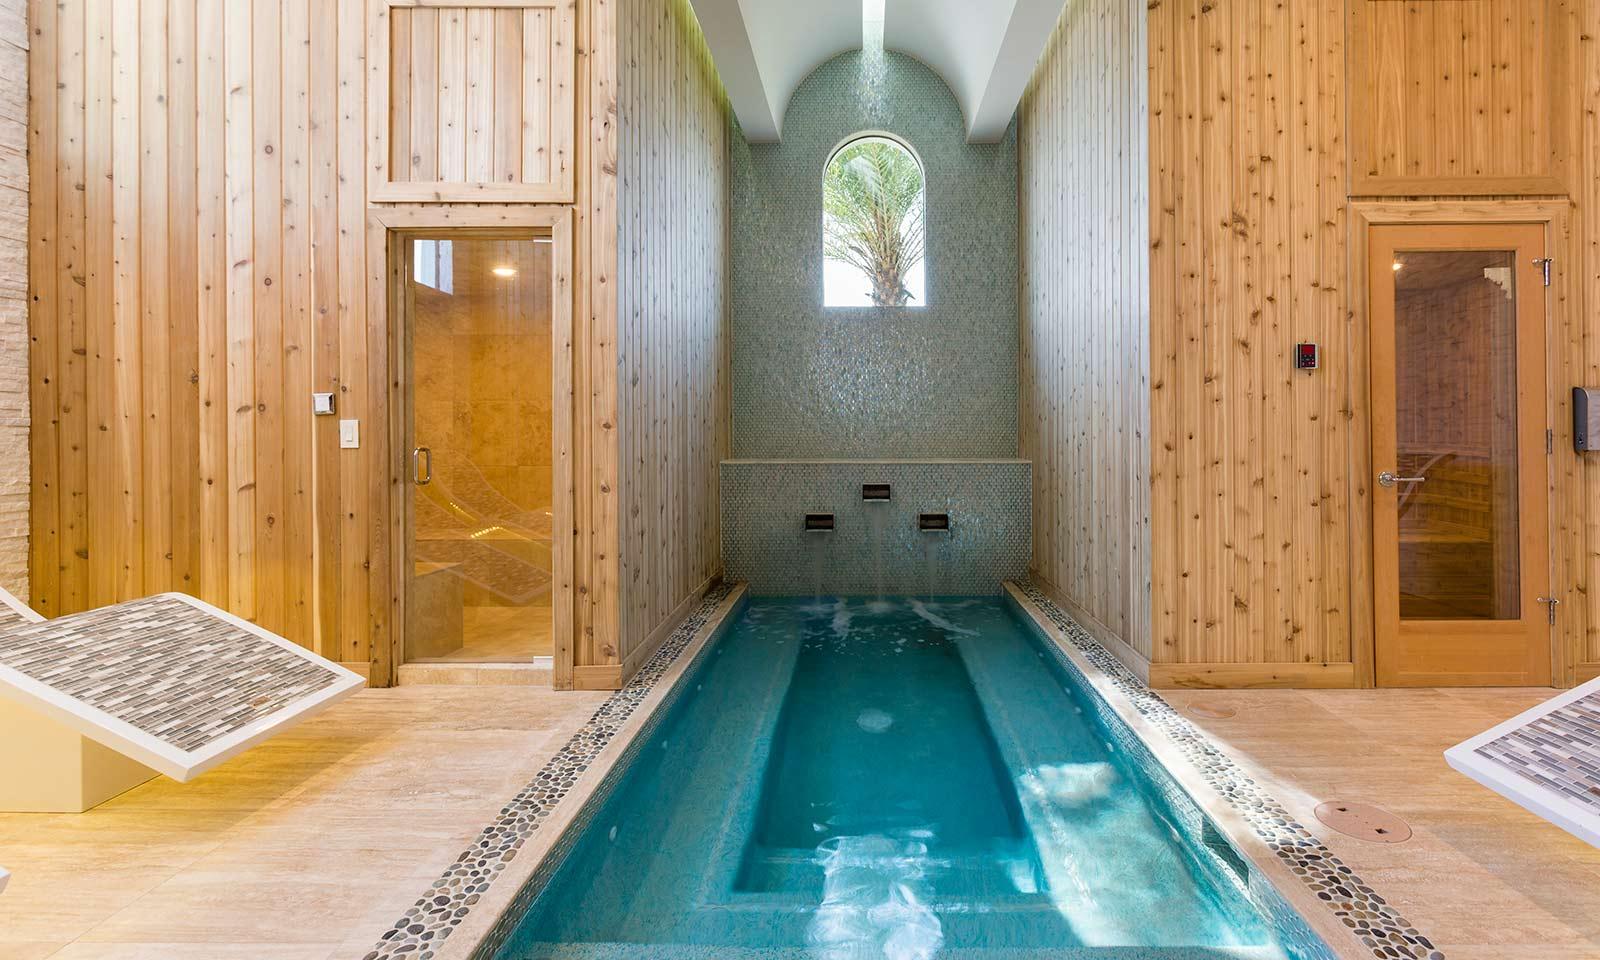 [amenities:Indoor-Spa:3] Indoor Spa